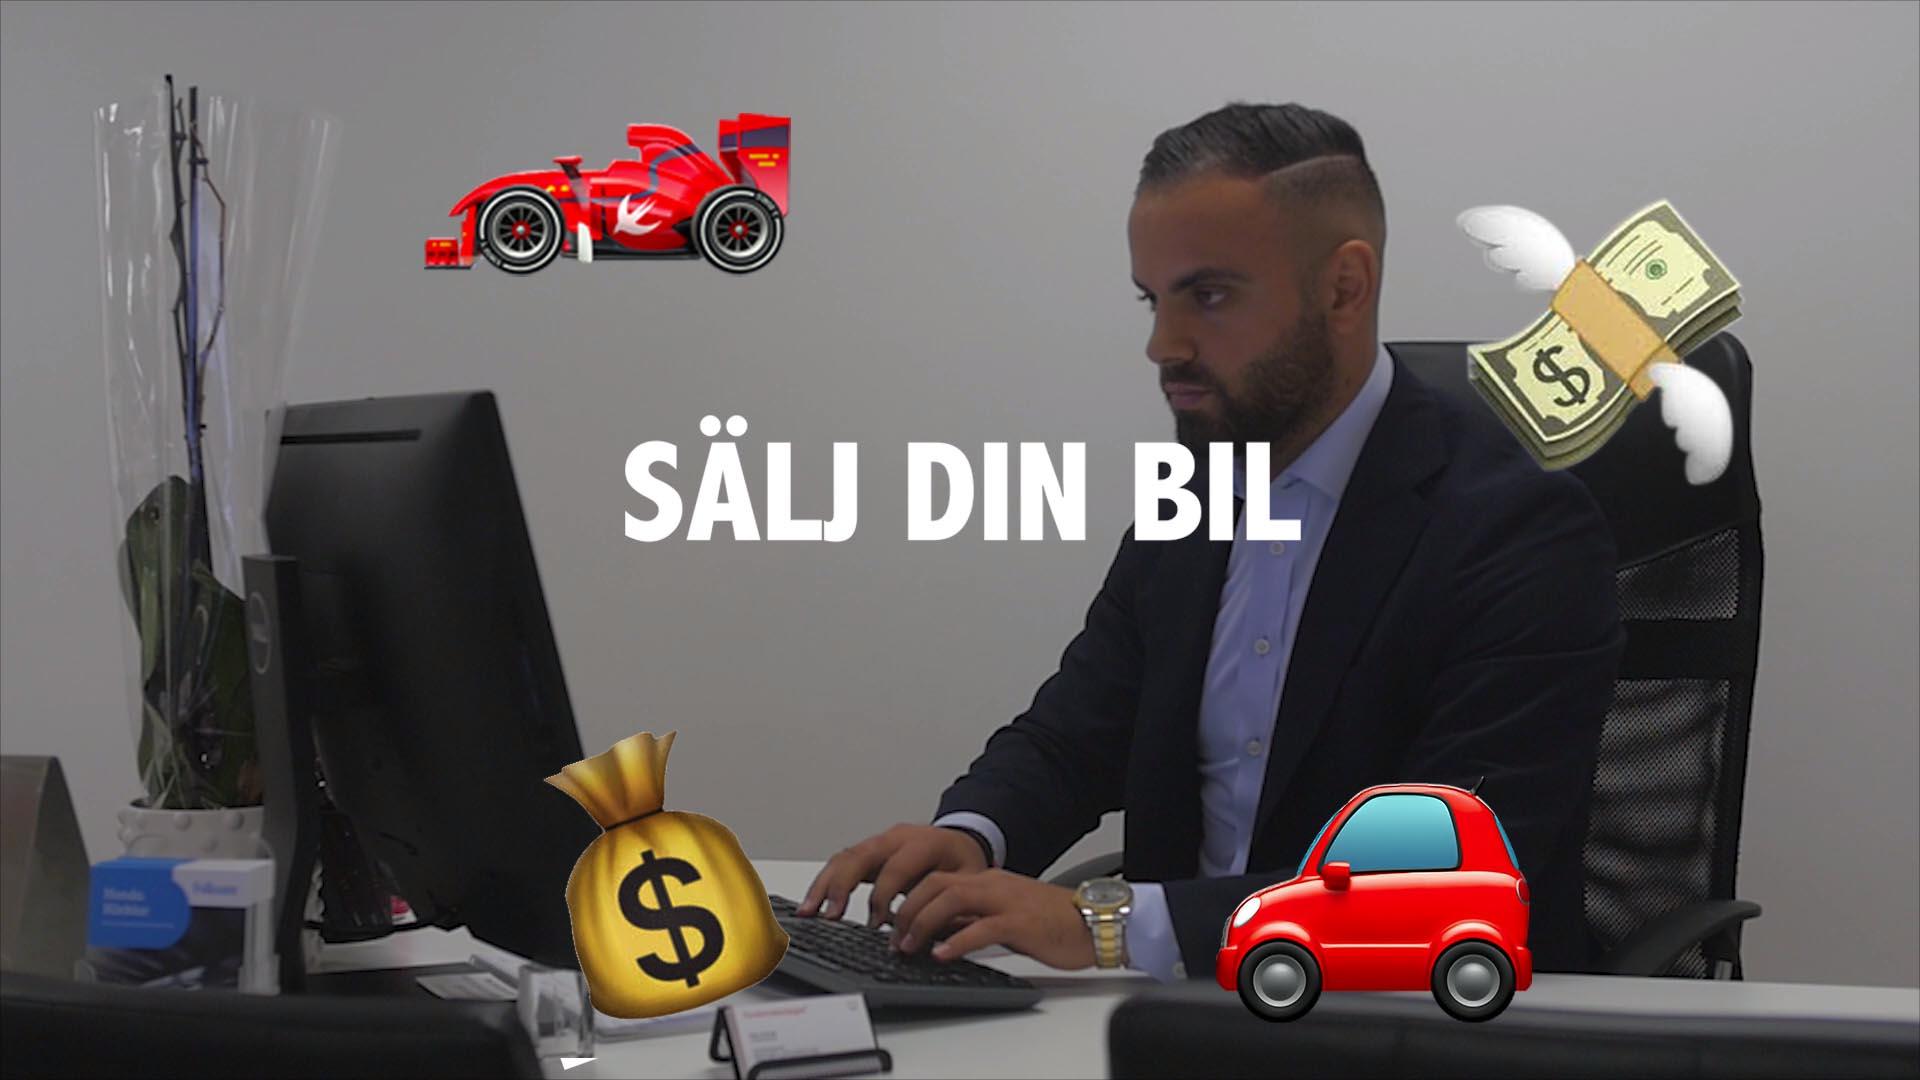 sälj din bil till oss